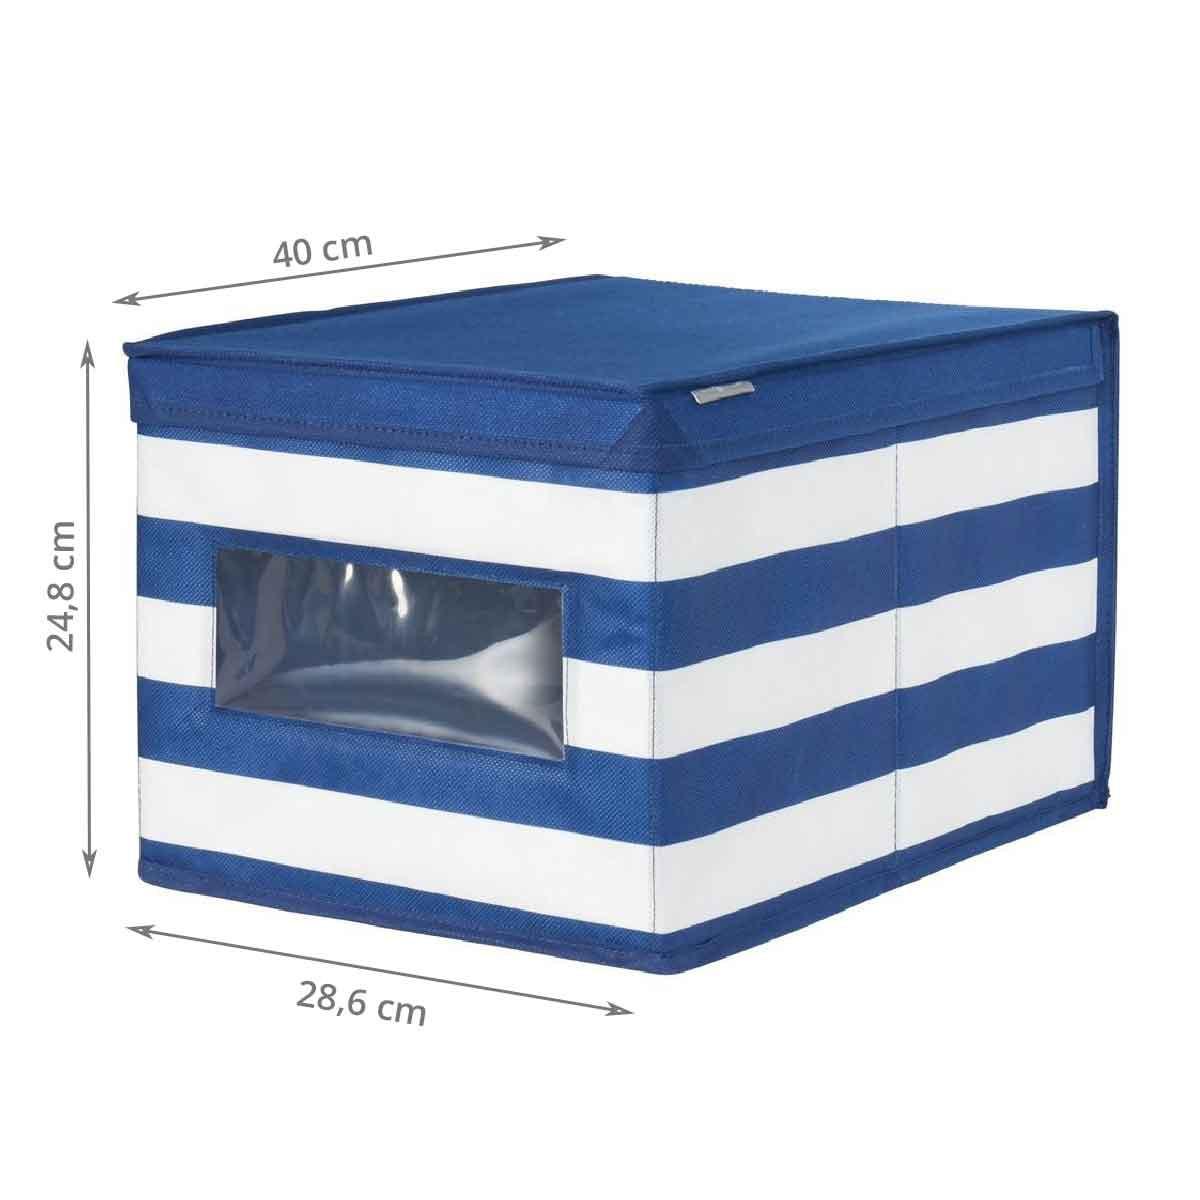 bo te de rangement en tissu bleu. Black Bedroom Furniture Sets. Home Design Ideas